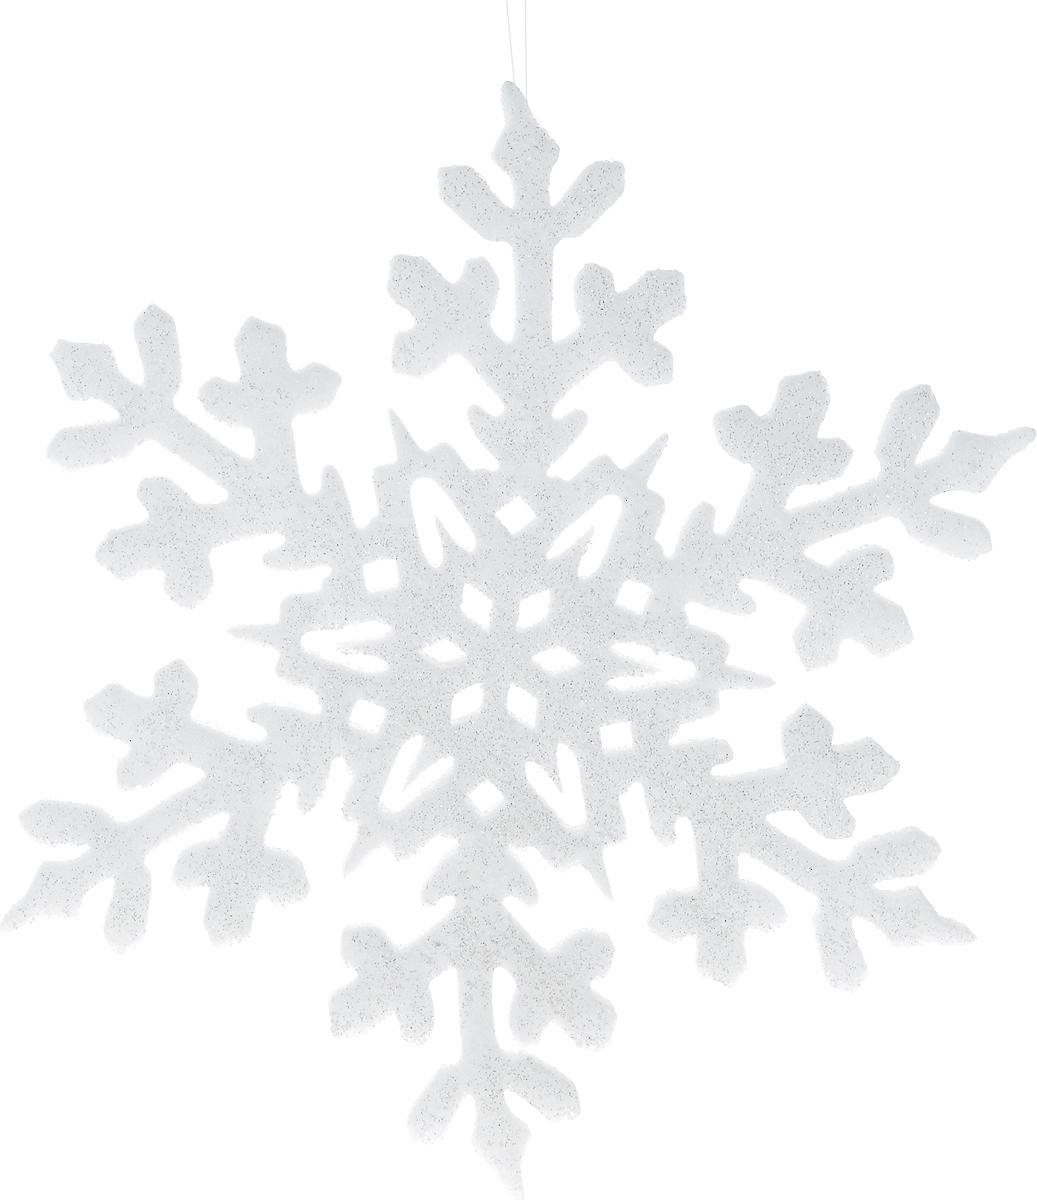 Украшение новогоднее подвесное Win Max Снежинка, диаметр 35 см171218Новогоднее подвесное украшение Win Max Снежинка прекрасно подойдет для праздничного декора новогодней ели. Изделие выполнено из пенопласта и украшено блестками. Для удобного размещения на елке для украшения предусмотрена петелька. Елочная игрушка - символ Нового года. Она несет в себе волшебство и красоту праздника. Создайте в своем доме атмосферу веселья и радости, украшая новогоднюю елку нарядными игрушками, которые будут из года в год накапливать теплоту воспоминаний.